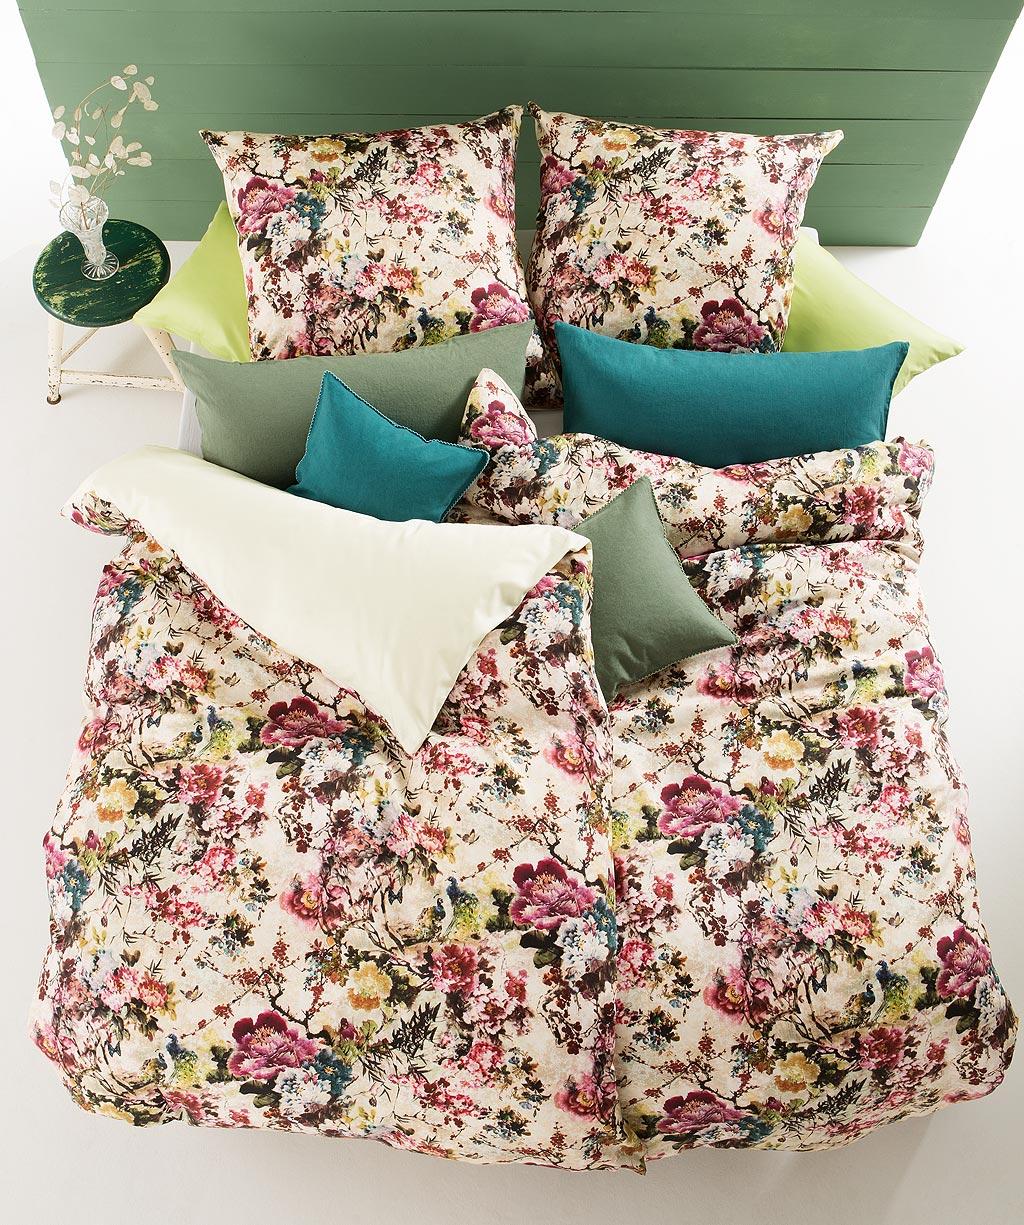 Romantische Blumenbettwäsche mit Wende - hochwertiger Digitaldruck